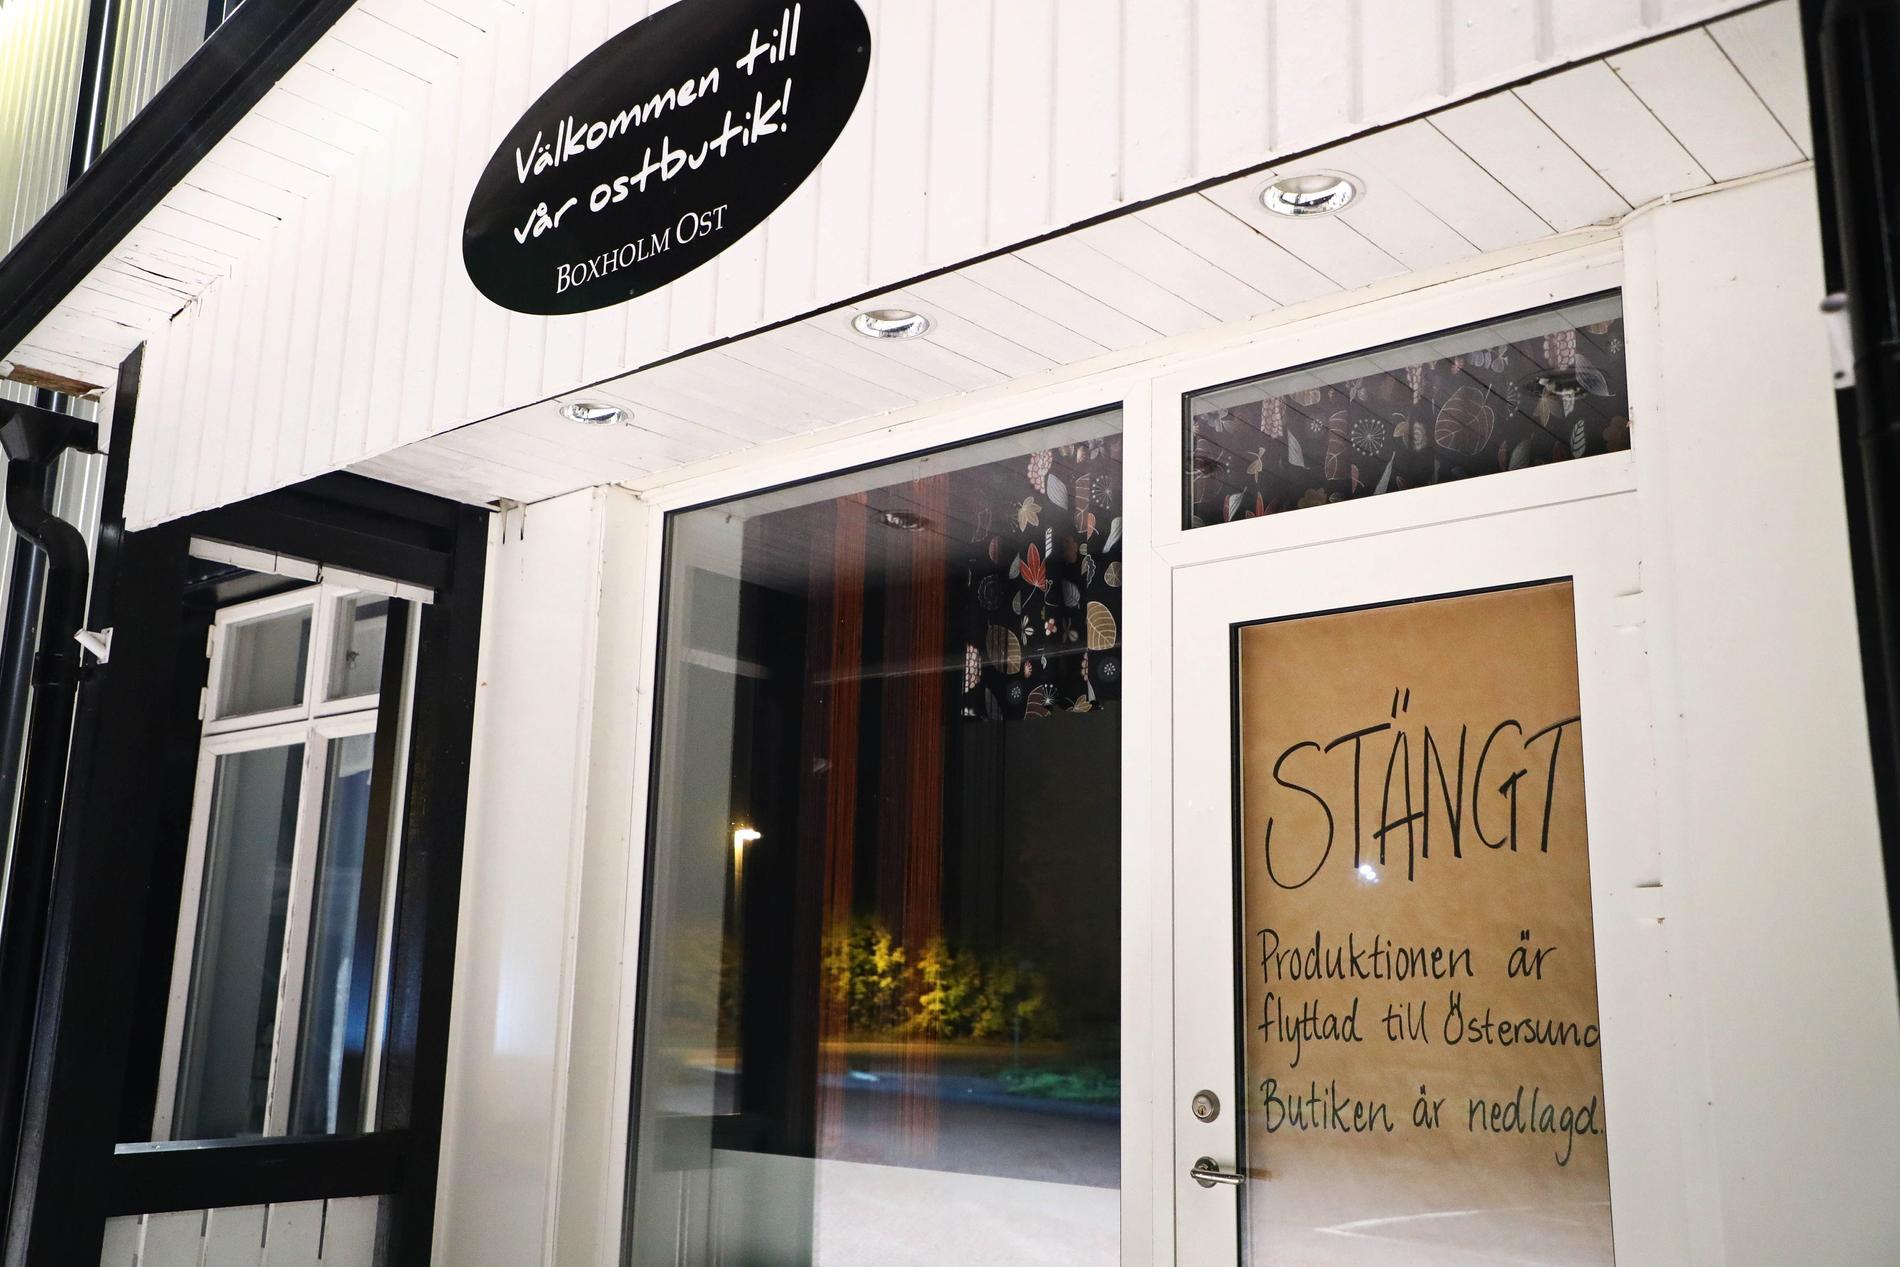 Tillverkningen av Boxholms ost har flyttat från Boxholm till ÖStersund.